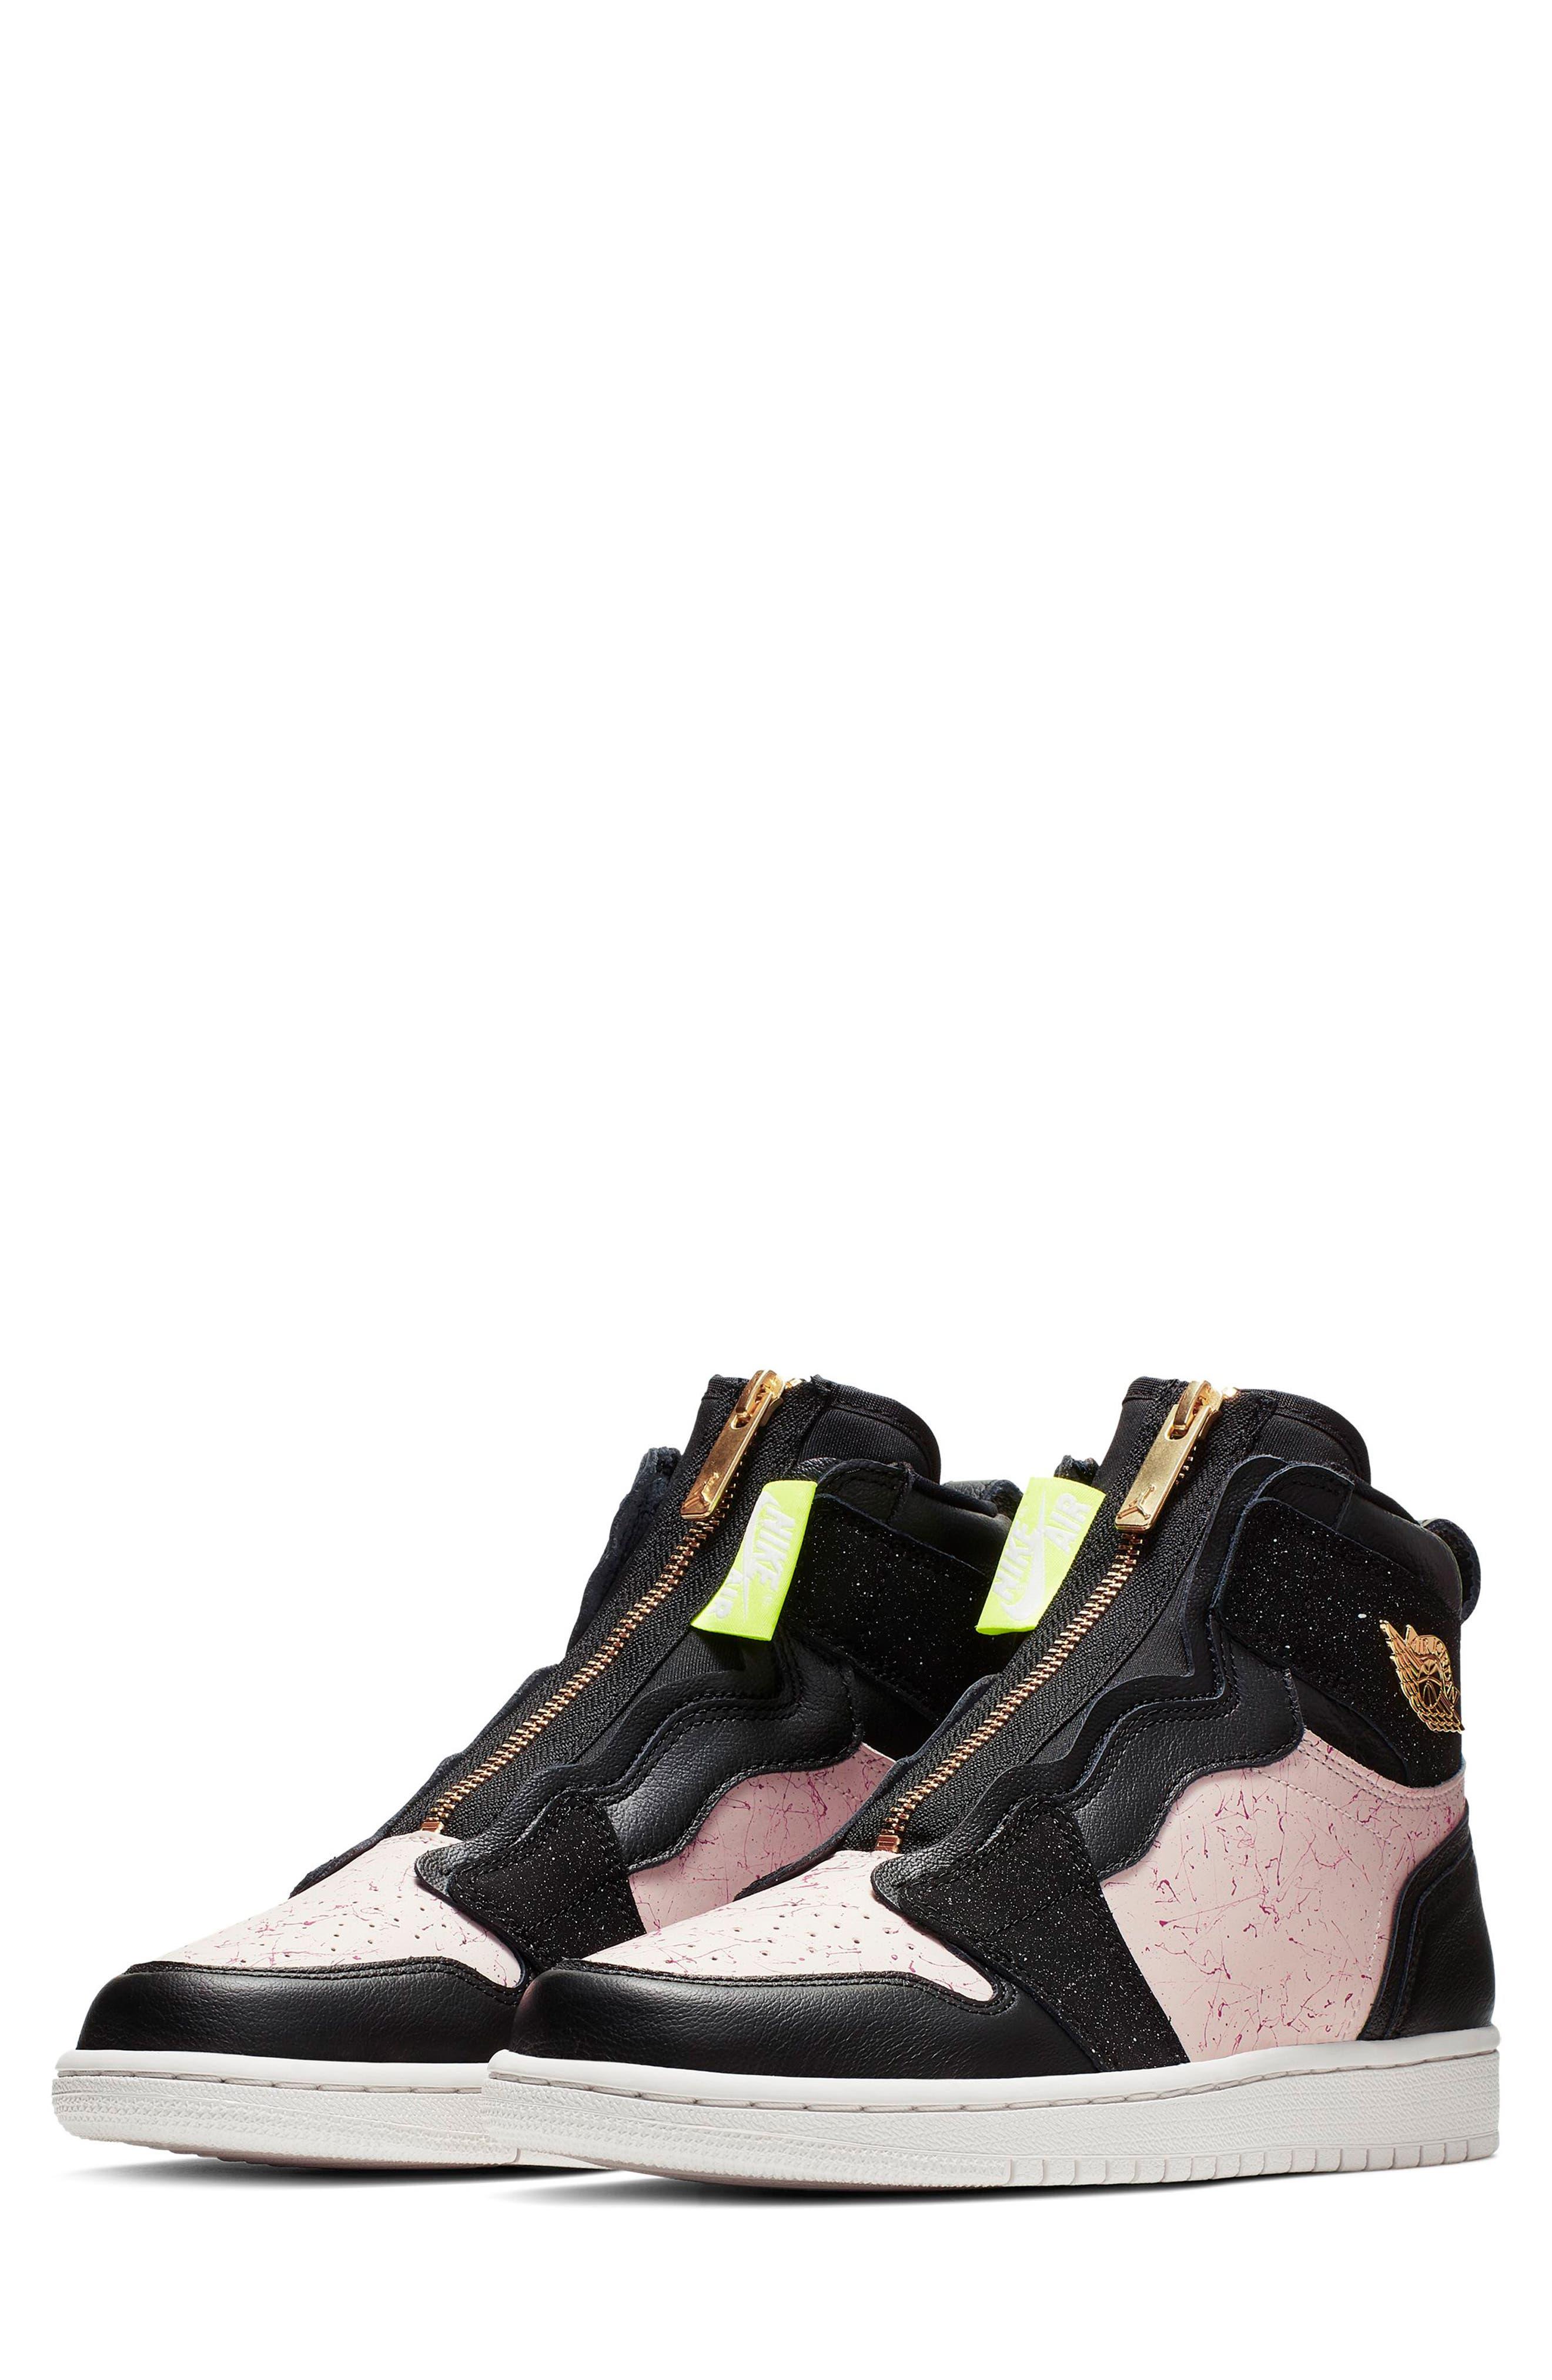 NIKE, Air Jordan 1 Zip High Top Sneakers, Main thumbnail 1, color, BLACK/ GOLD/ PHANTOM/ RED